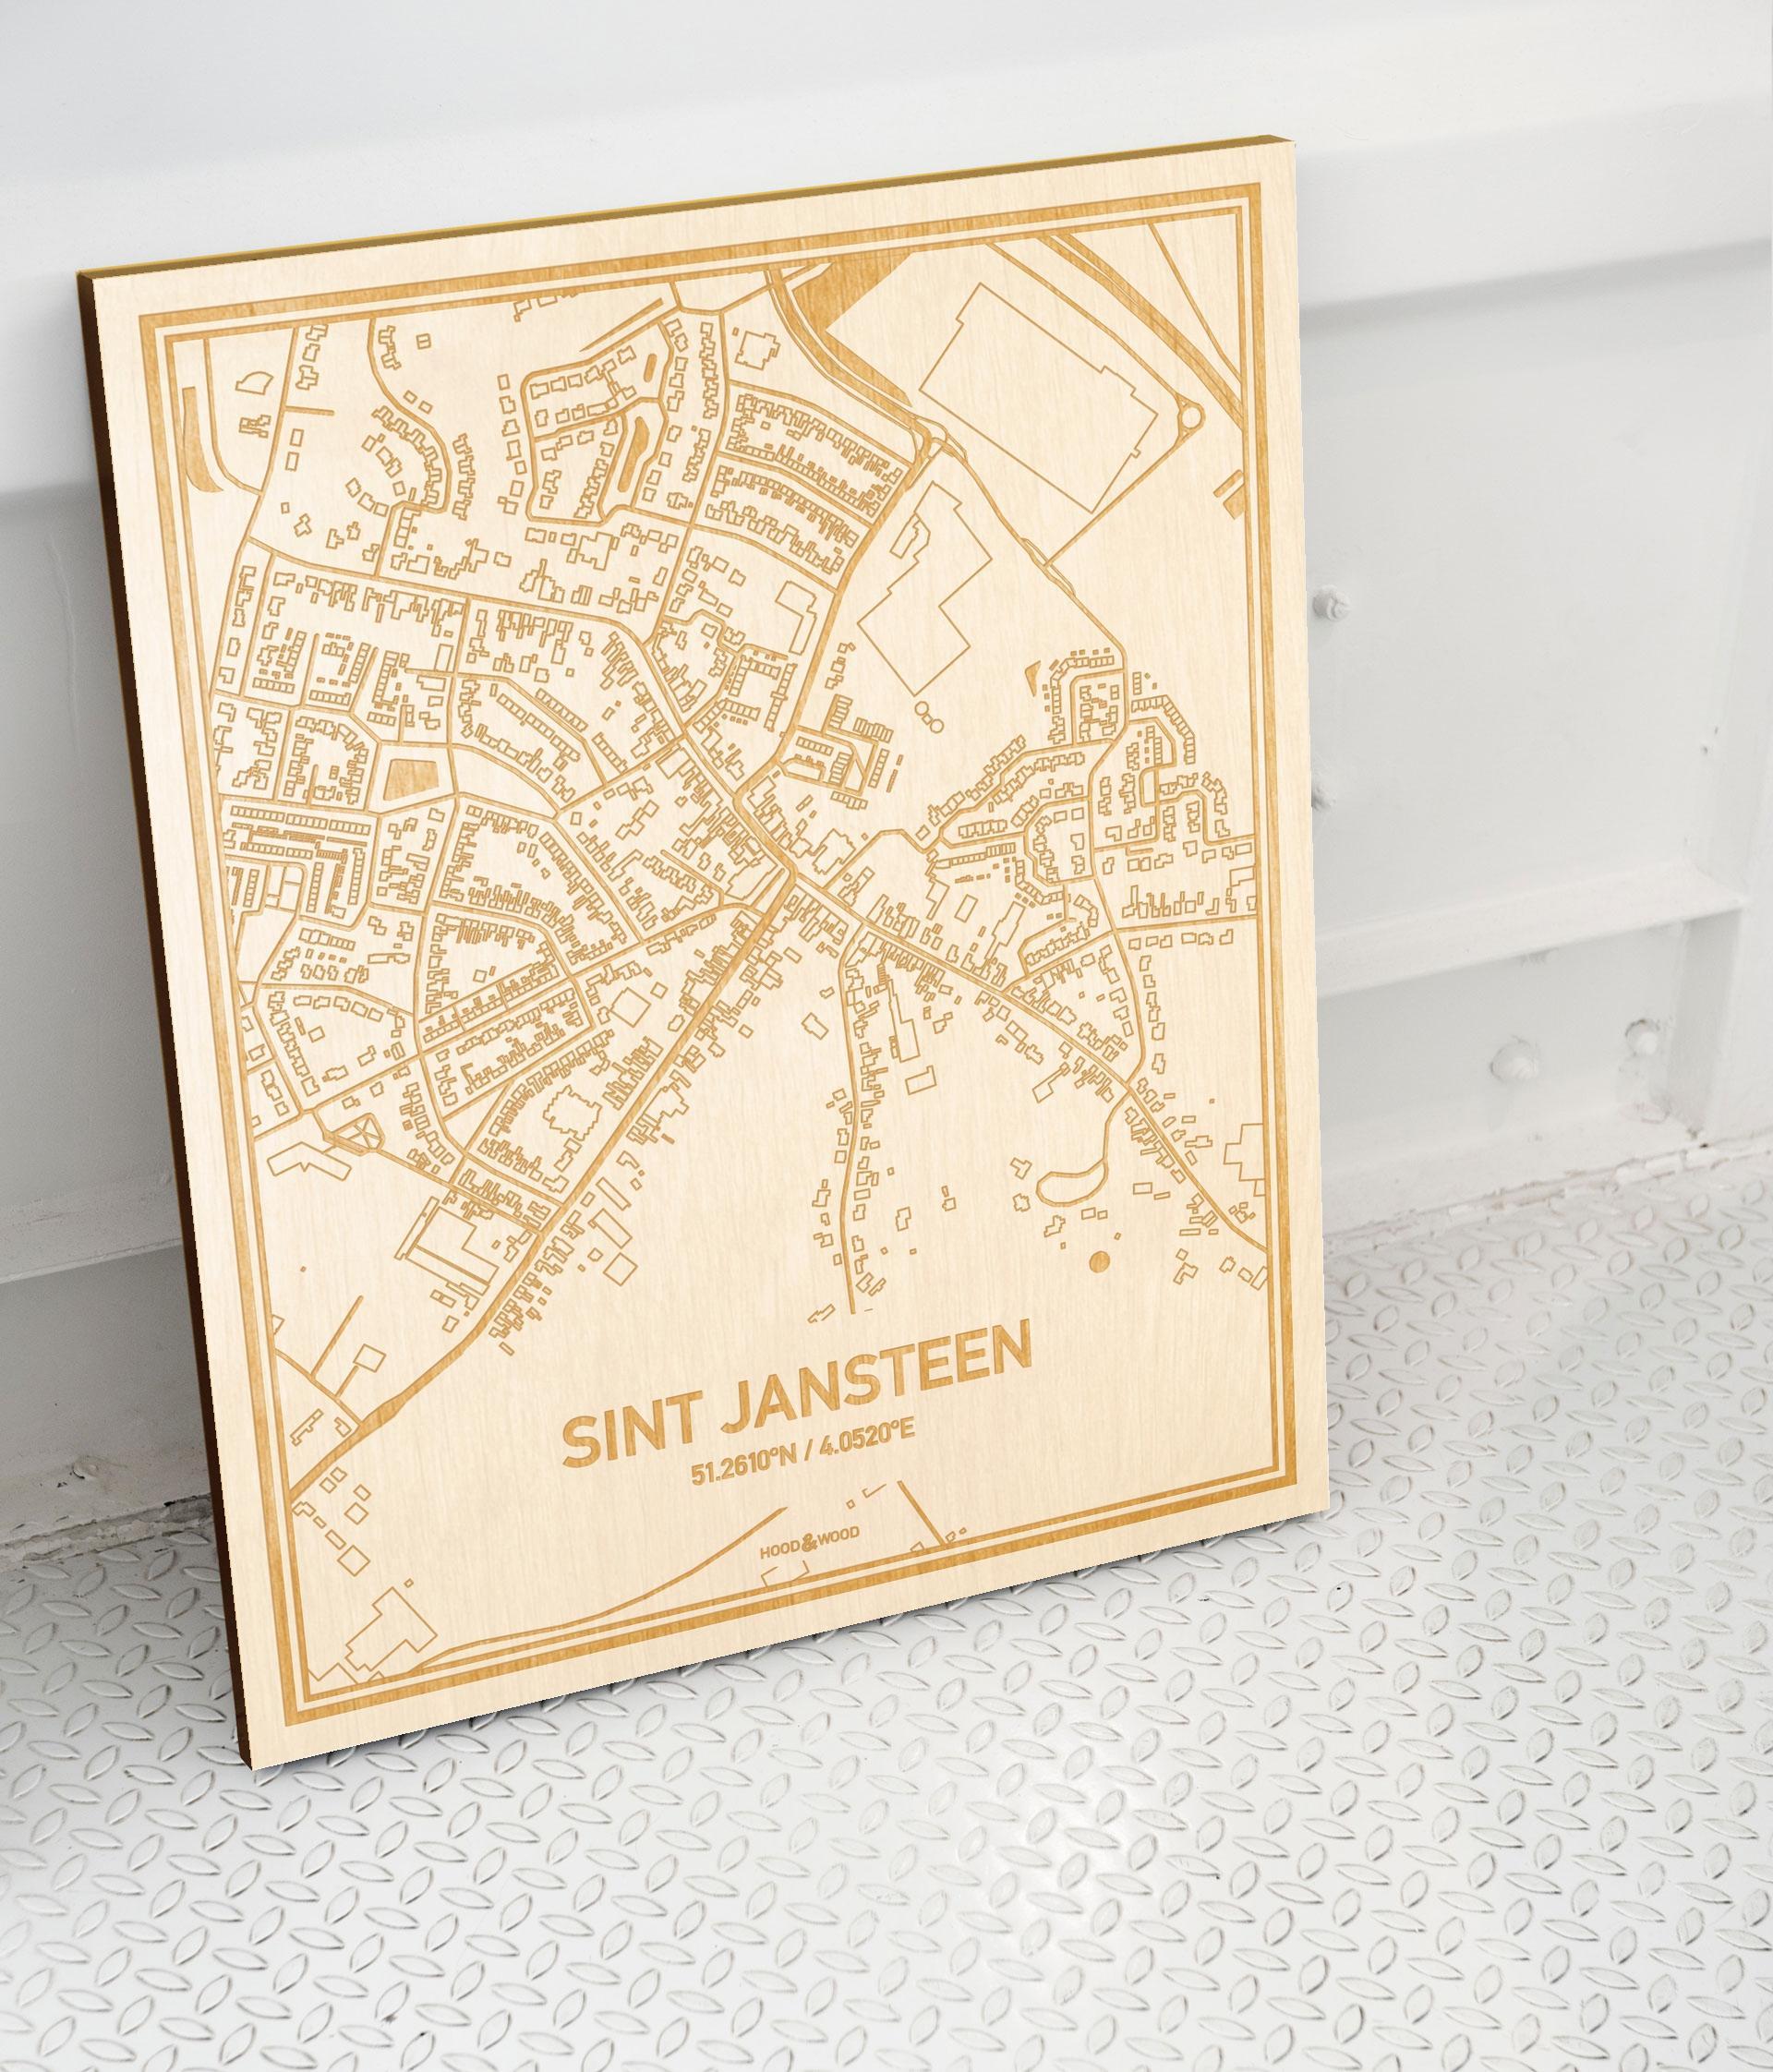 Plattegrond Sint Jansteen als prachtige houten wanddecoratie. Het warme hout contrasteert mooi met de witte muur.